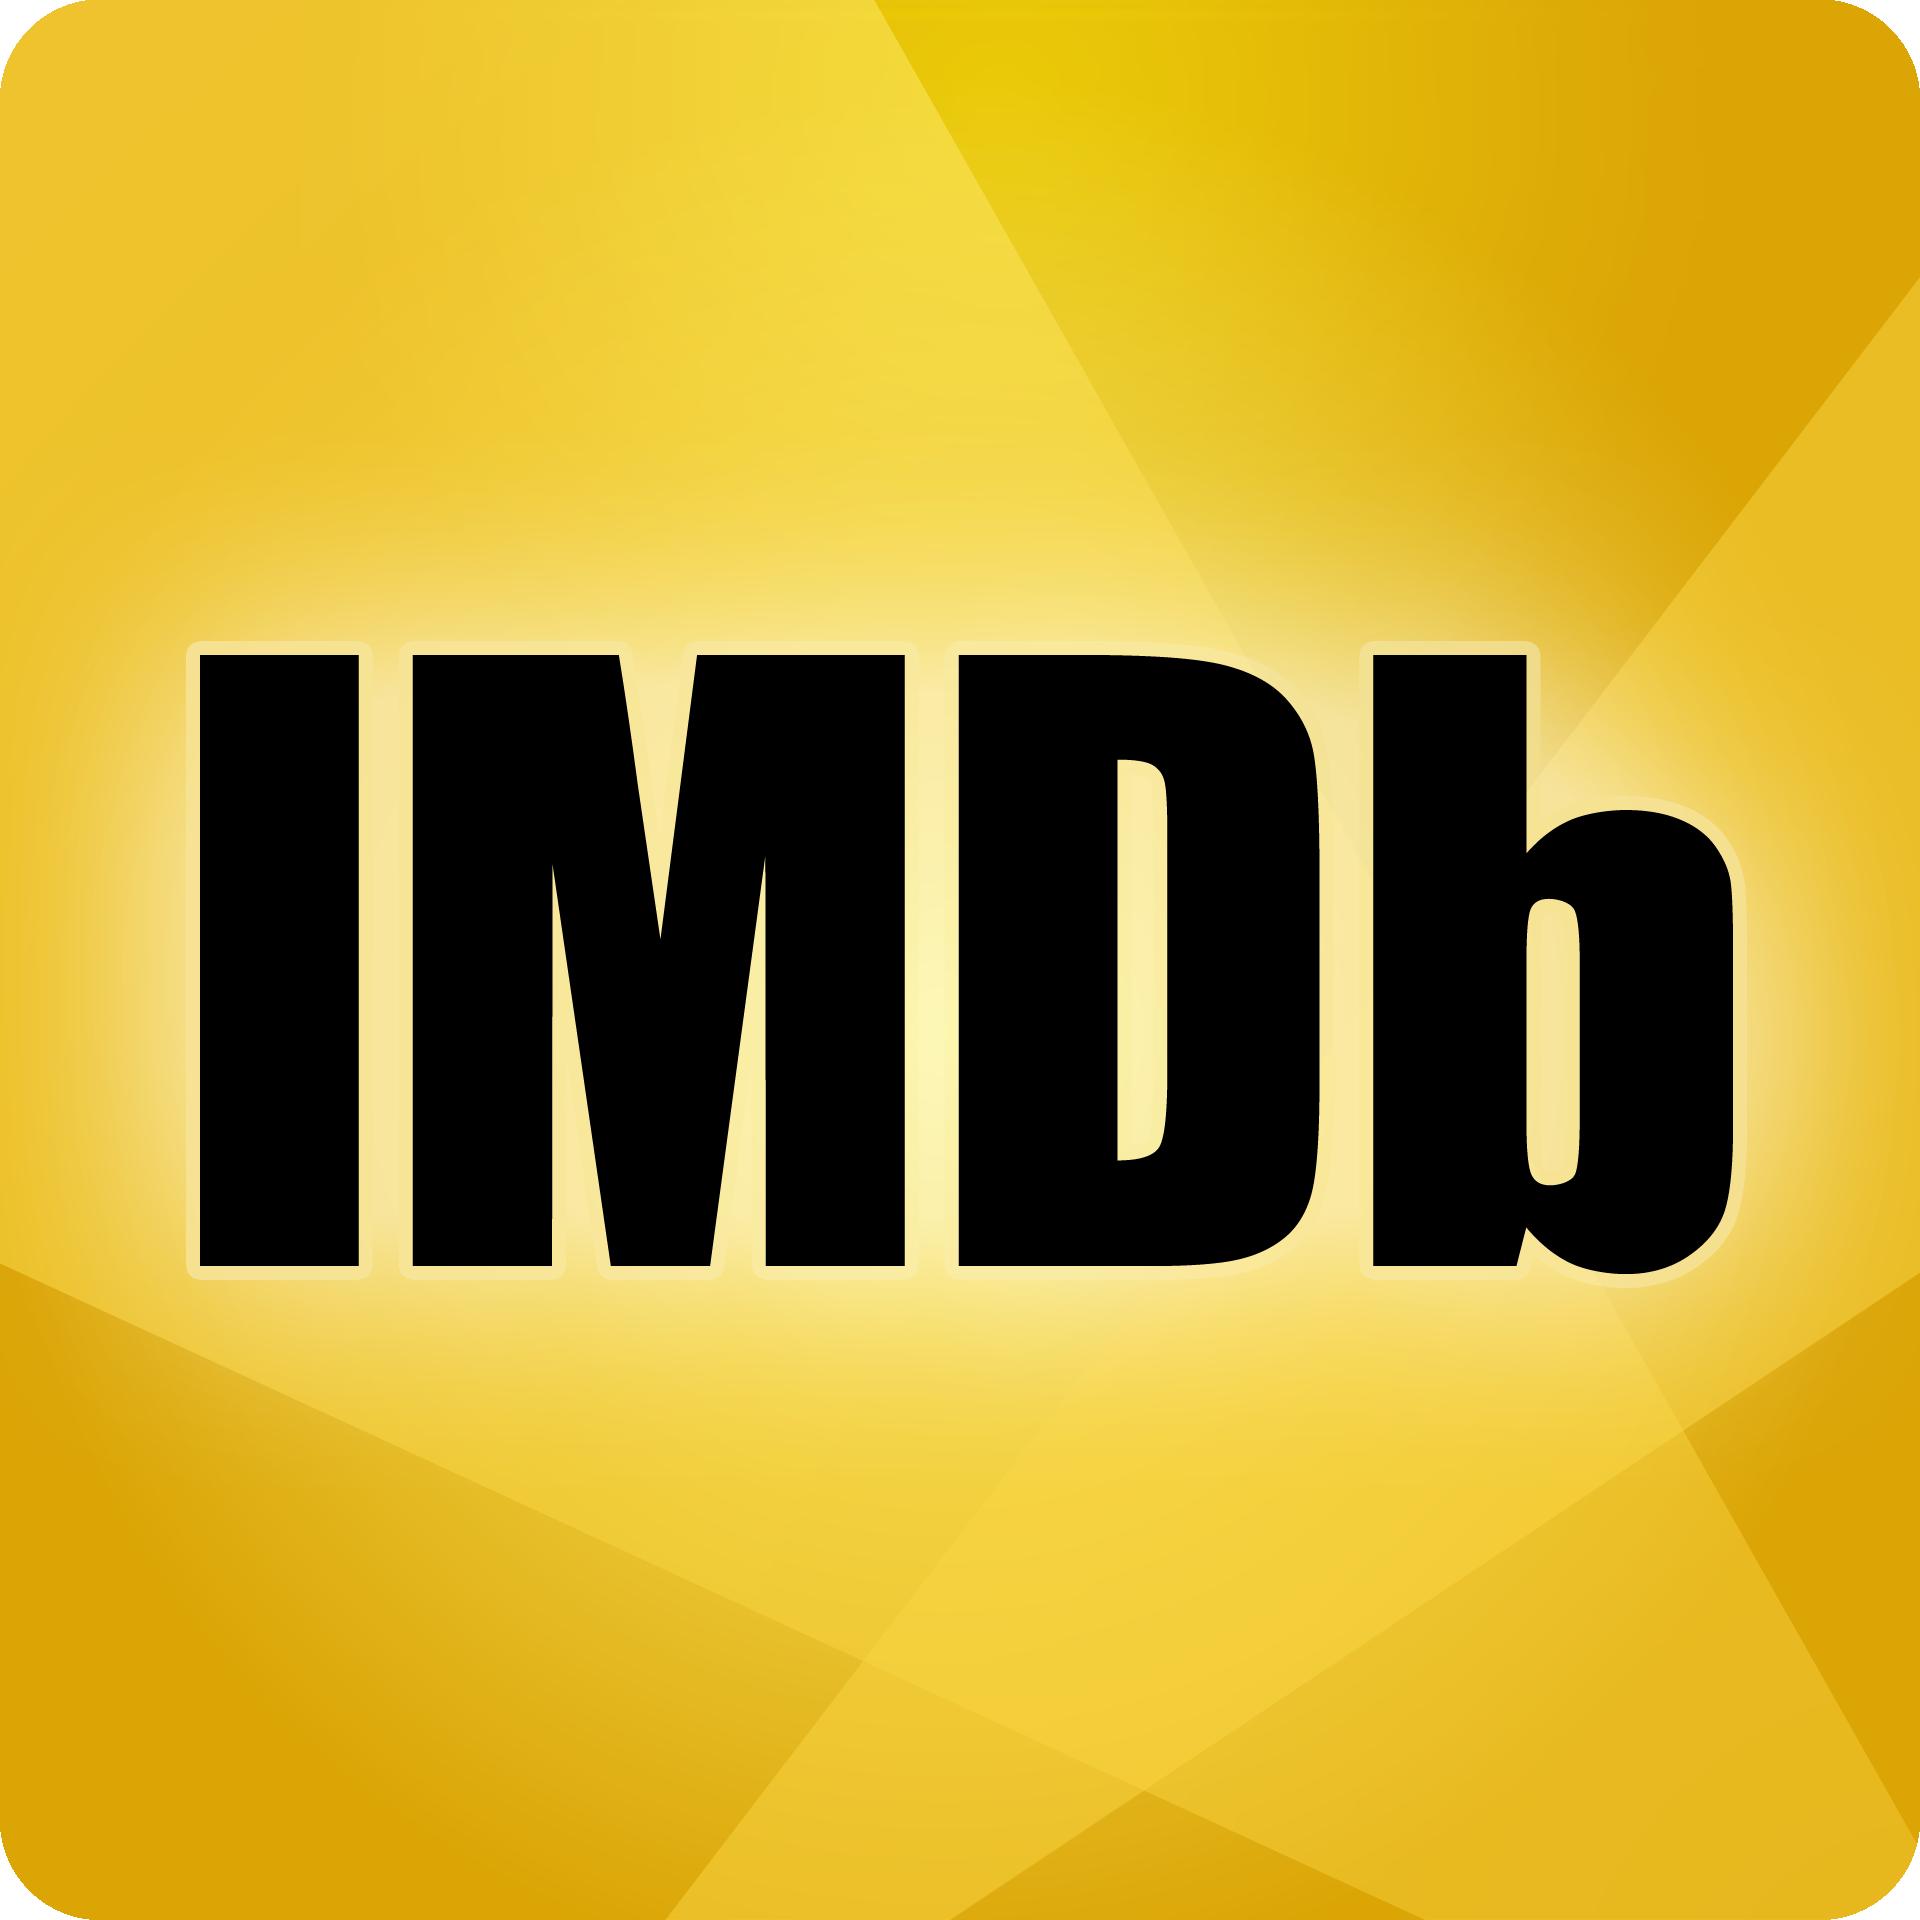 http://www.imdb.com/title/tt0476916/